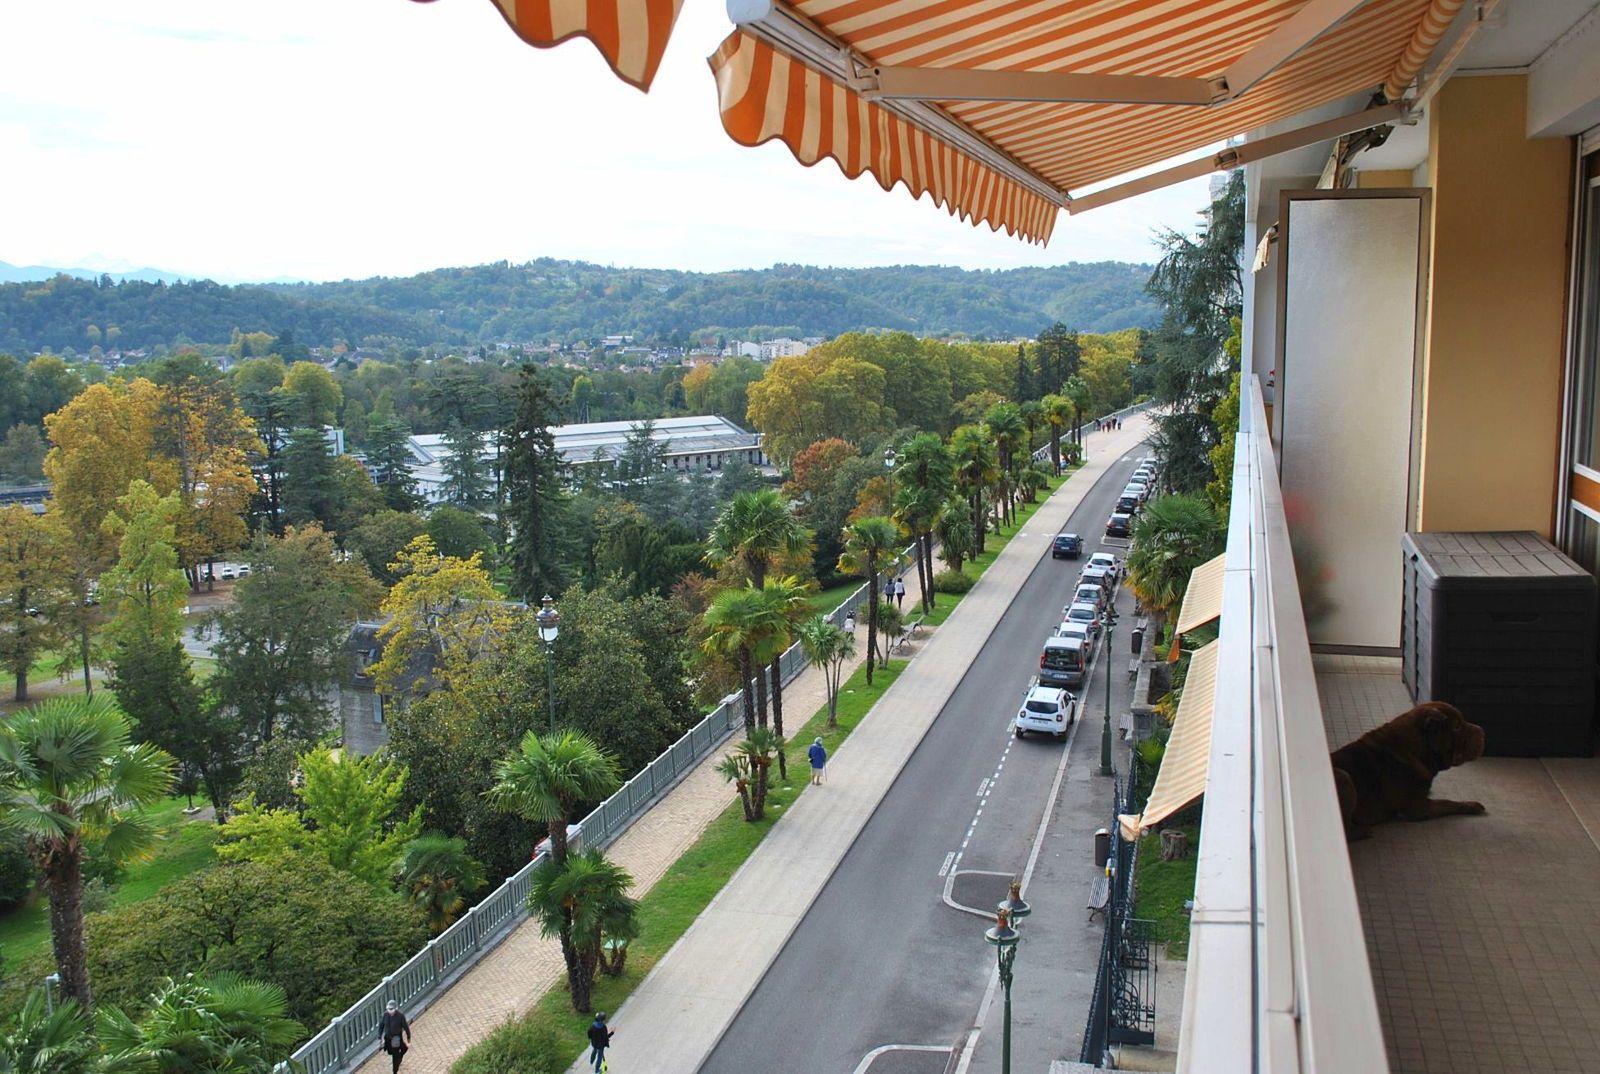 Loue appartement T2meublé 40m² Rénové Boulevard des Pyrénées Balcon Parking S/S Cave - Pau (64)